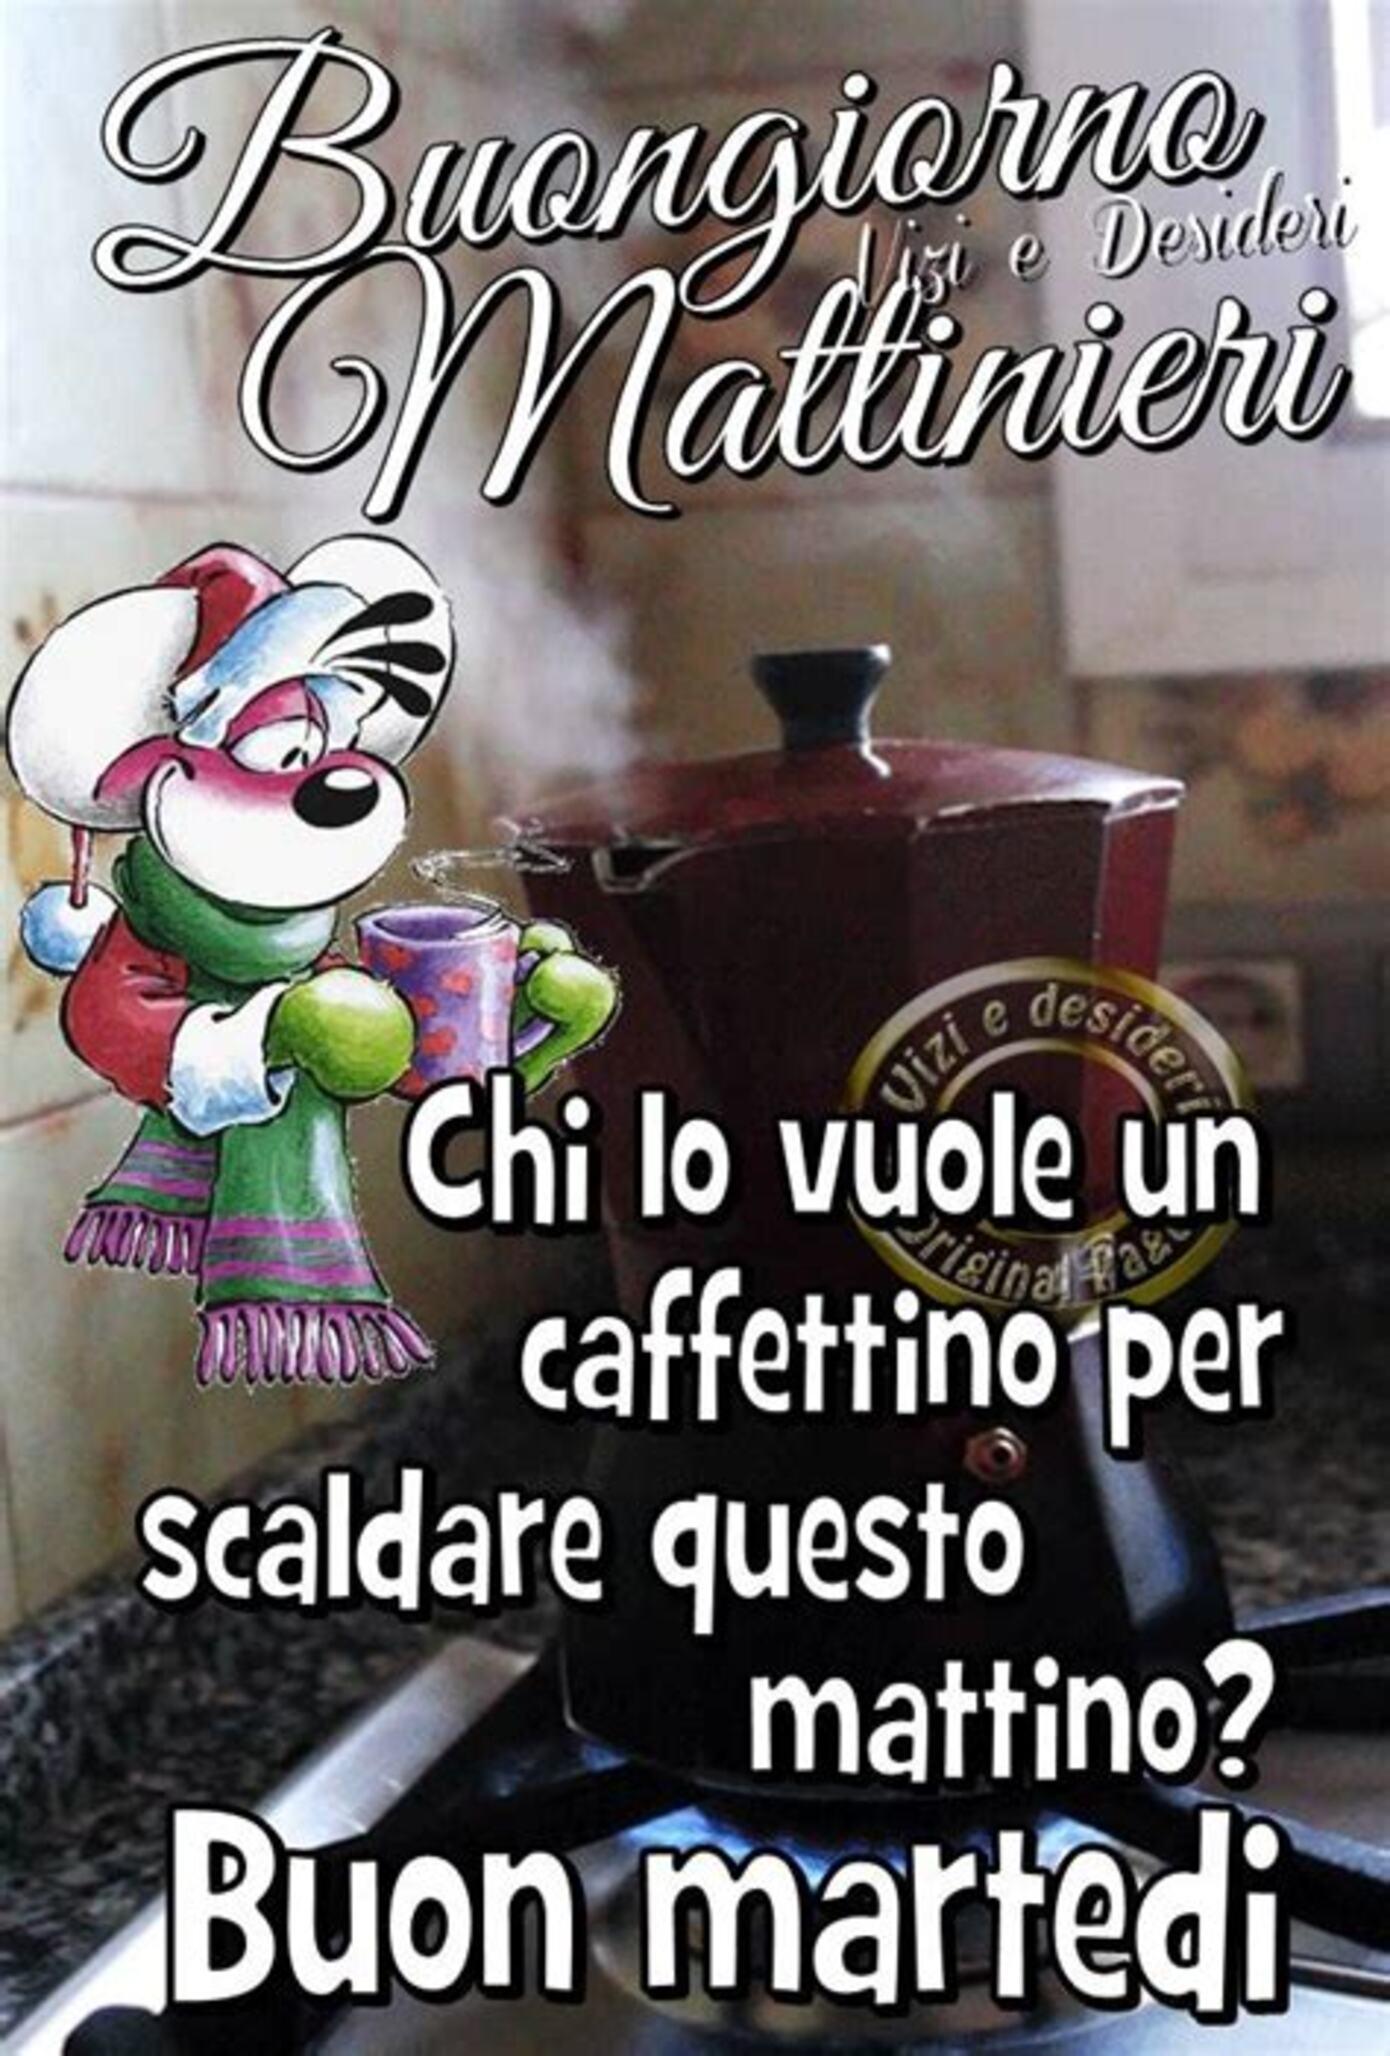 Buongiorno Mattinieri Chi lo vuole un caffettino per riscaldare questo mattino? Buon Martedì